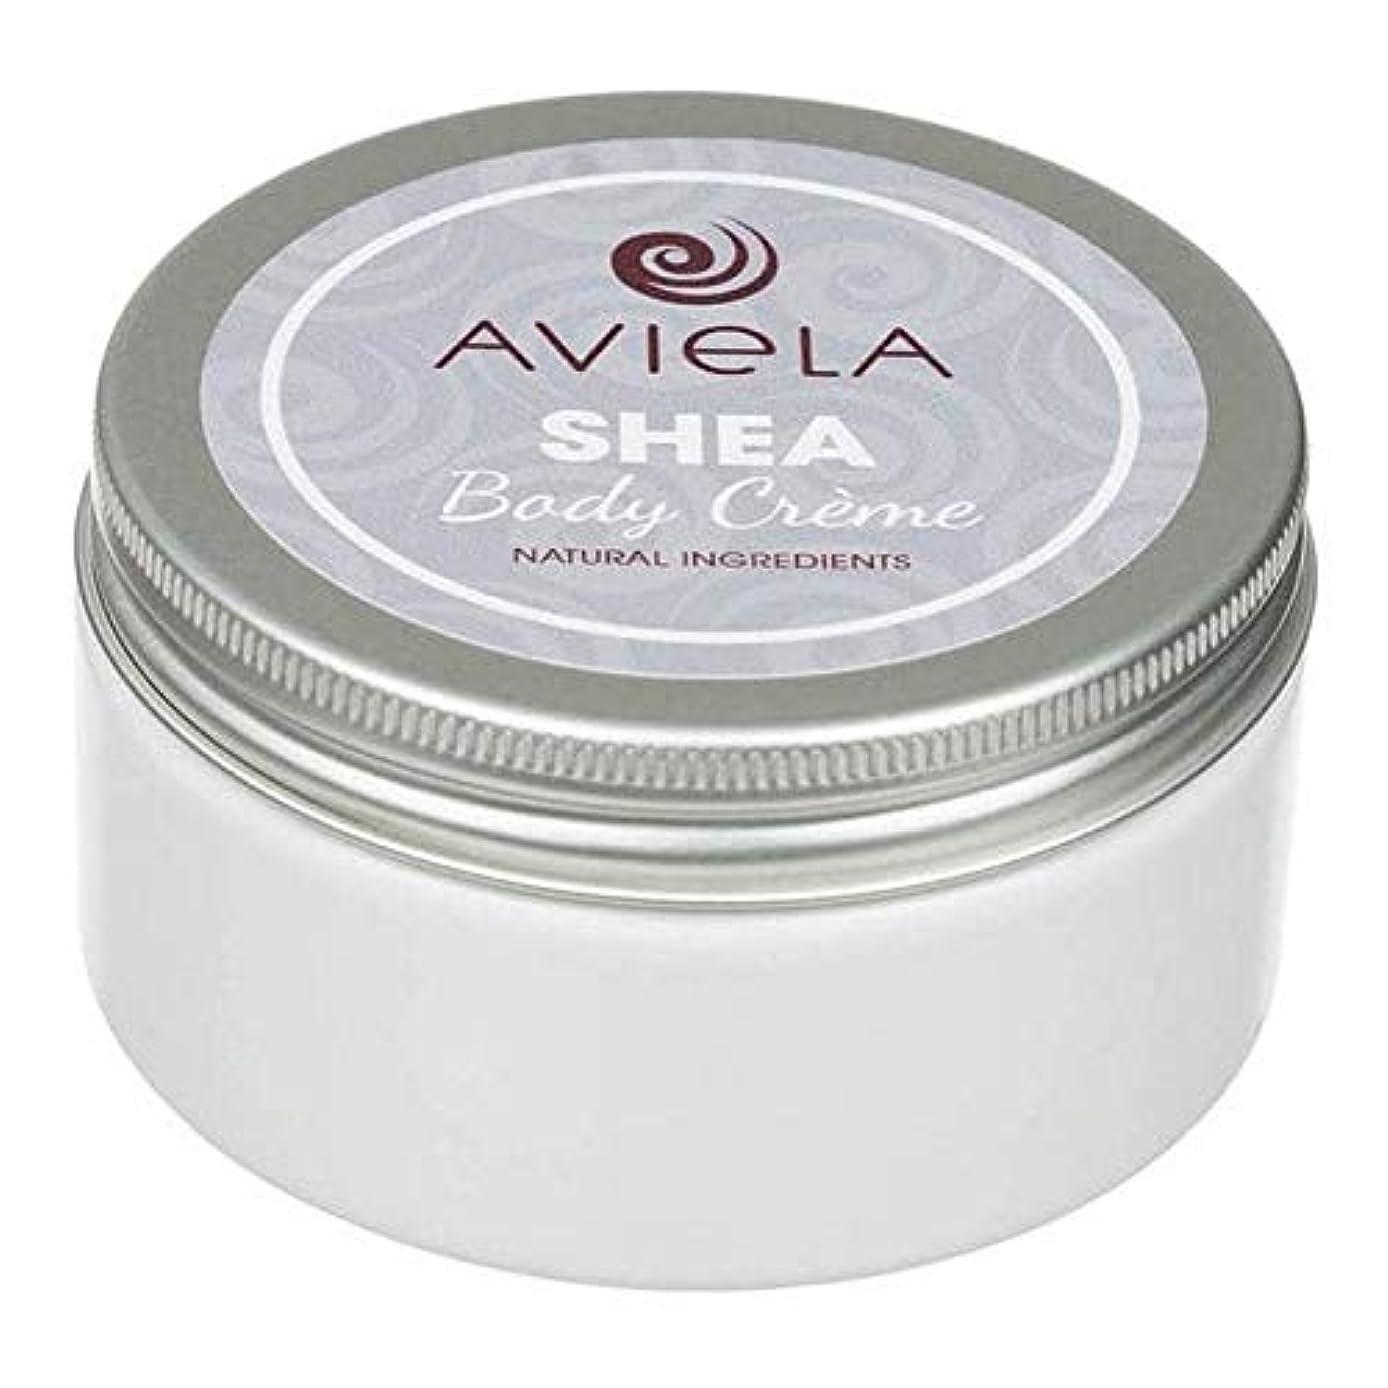 アルコールトリム壮大[Aviela] Avielaシアボディクリーム200グラム - Aviela Shea Body Creme 200g [並行輸入品]